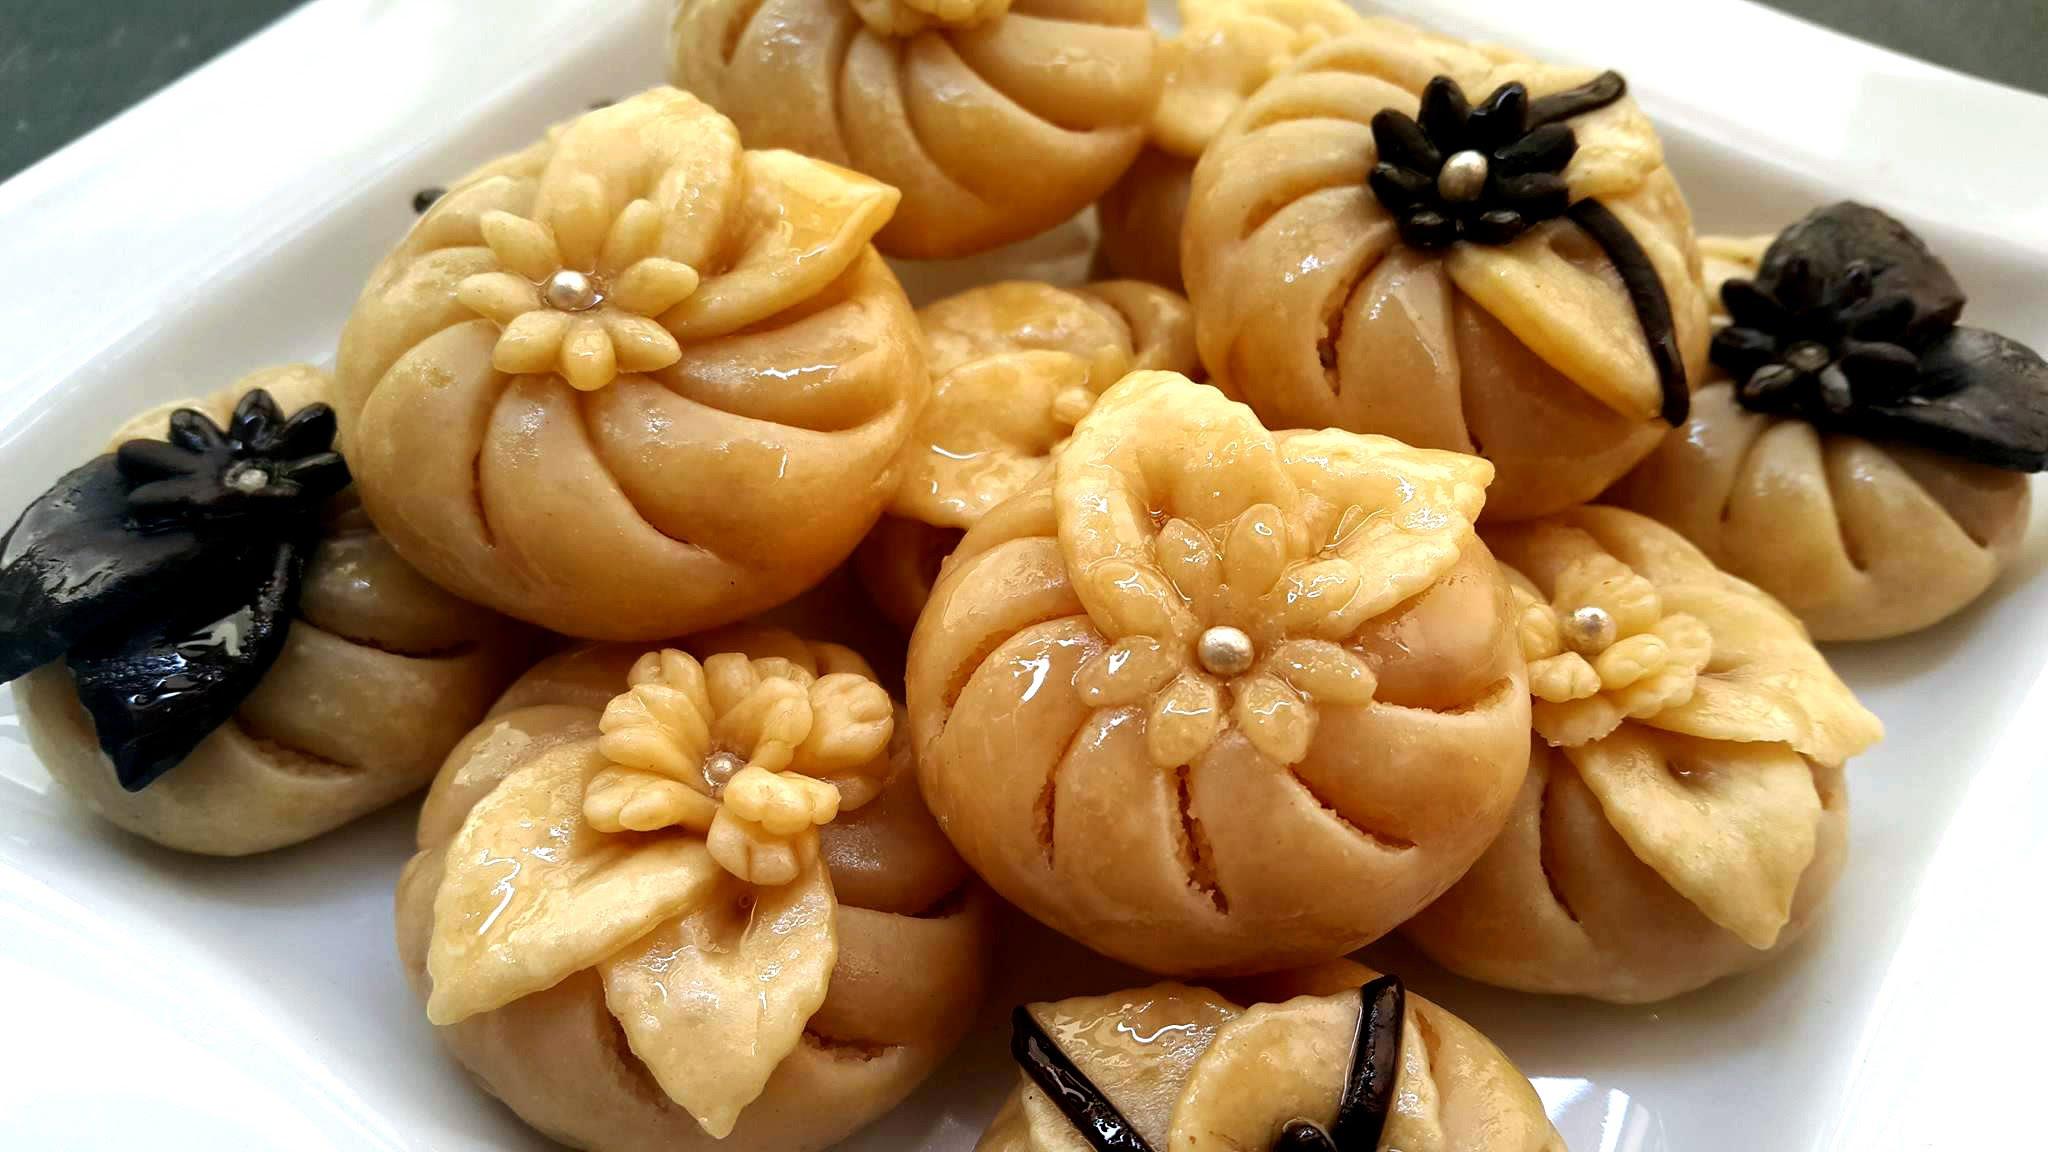 صوره حلويات مغربيه , اجمل حلى مغربي